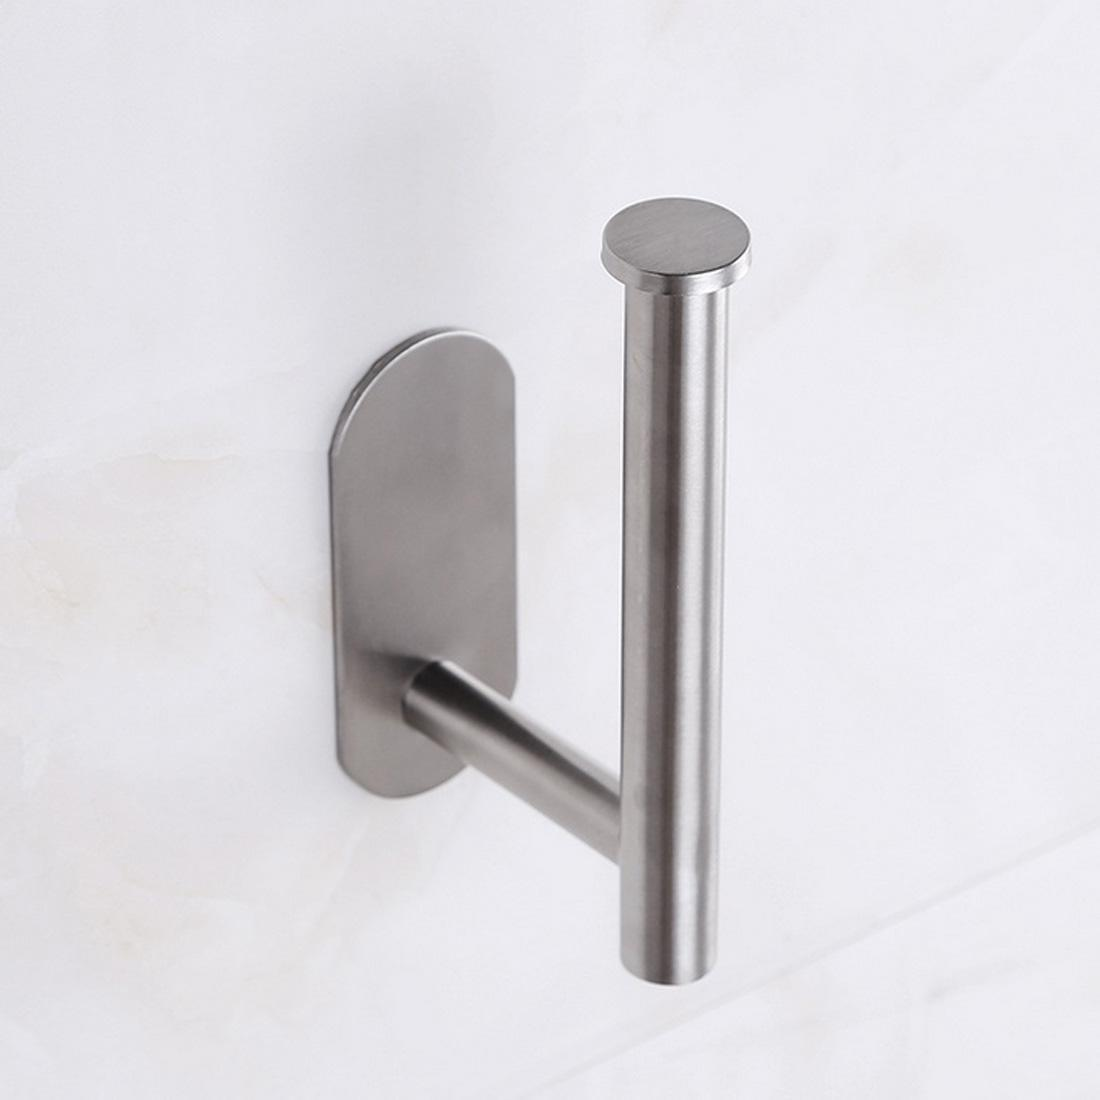 Suporte de papel higiênico auto-adesivo Toaletes de banheiro Toalheiros Suportes sem perfuração de aço inoxidável de aço